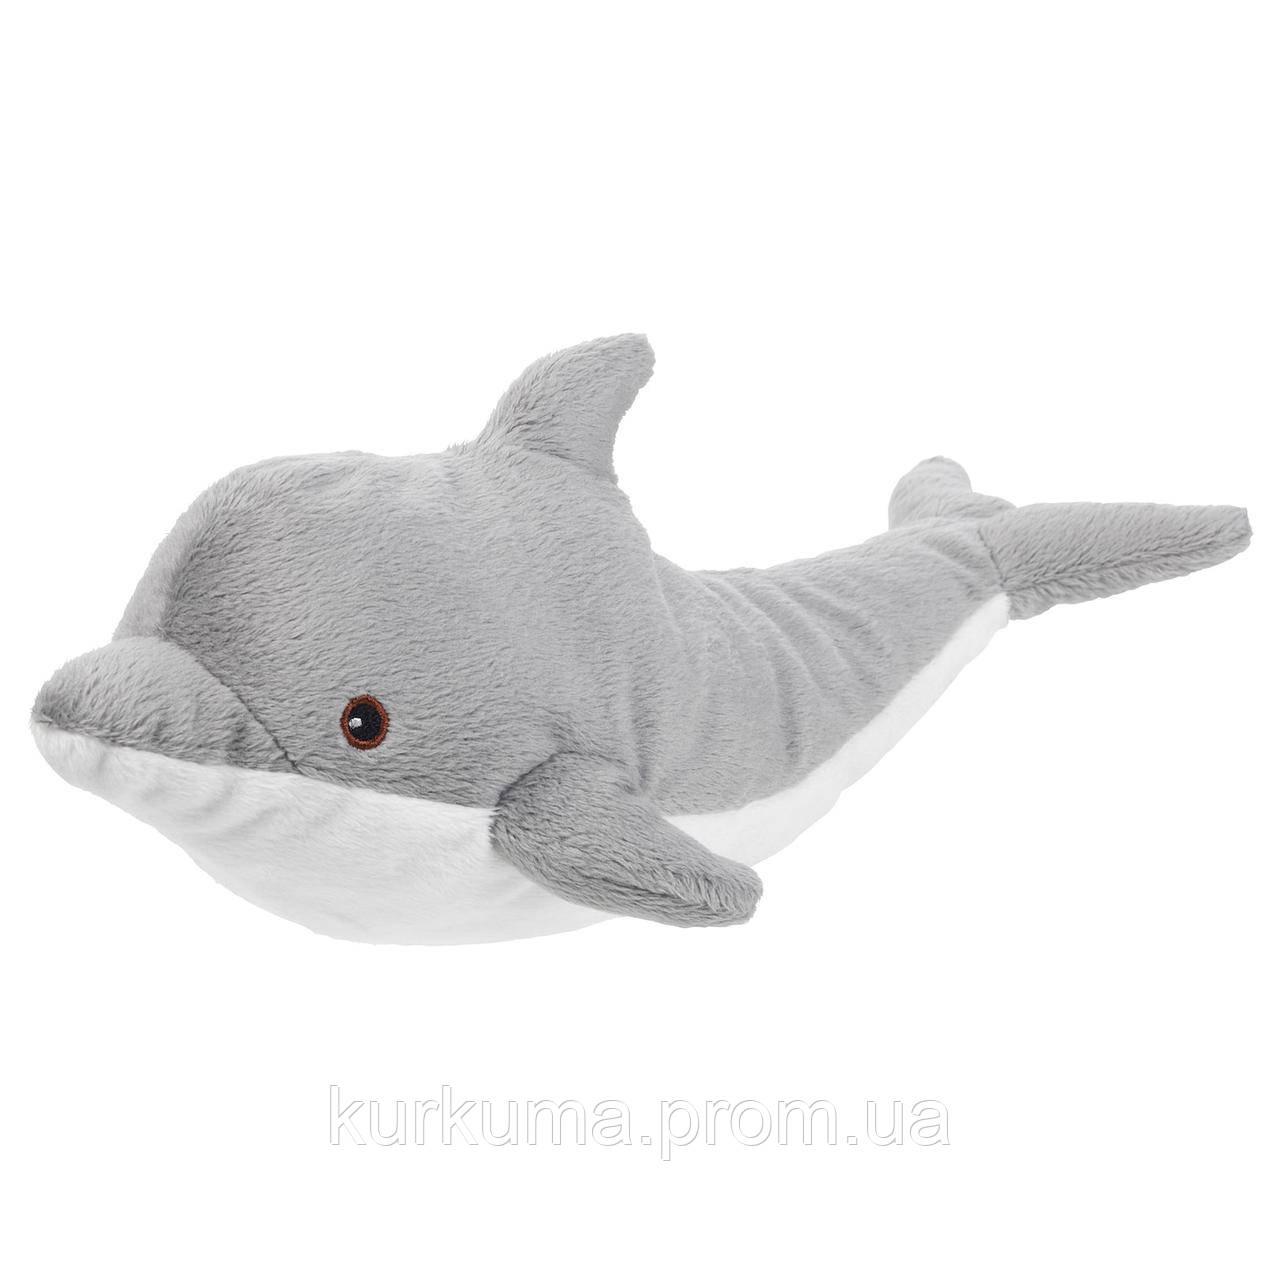 IKEA GENOMBLOT Мягкая игрушка, дельфин, 30 см (804.423.58)